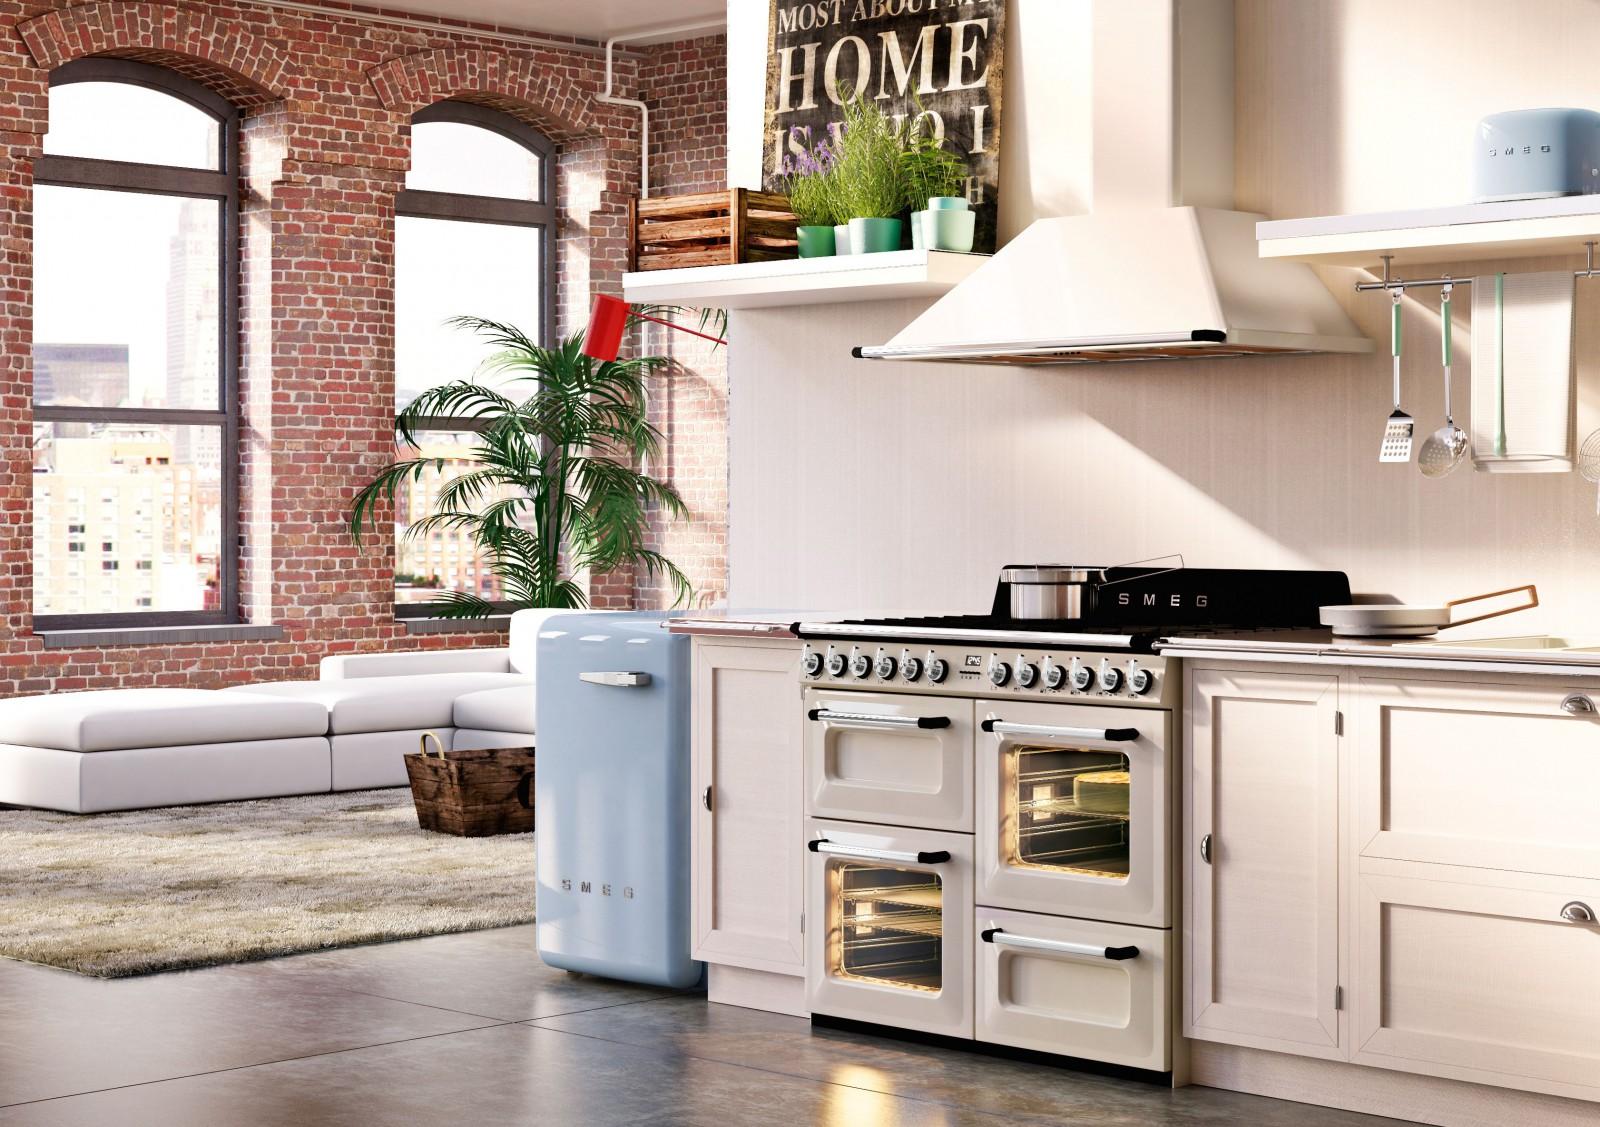 Cuisines fourneaux cuisine quip e lectrom nager - Piano cuisine smeg ...